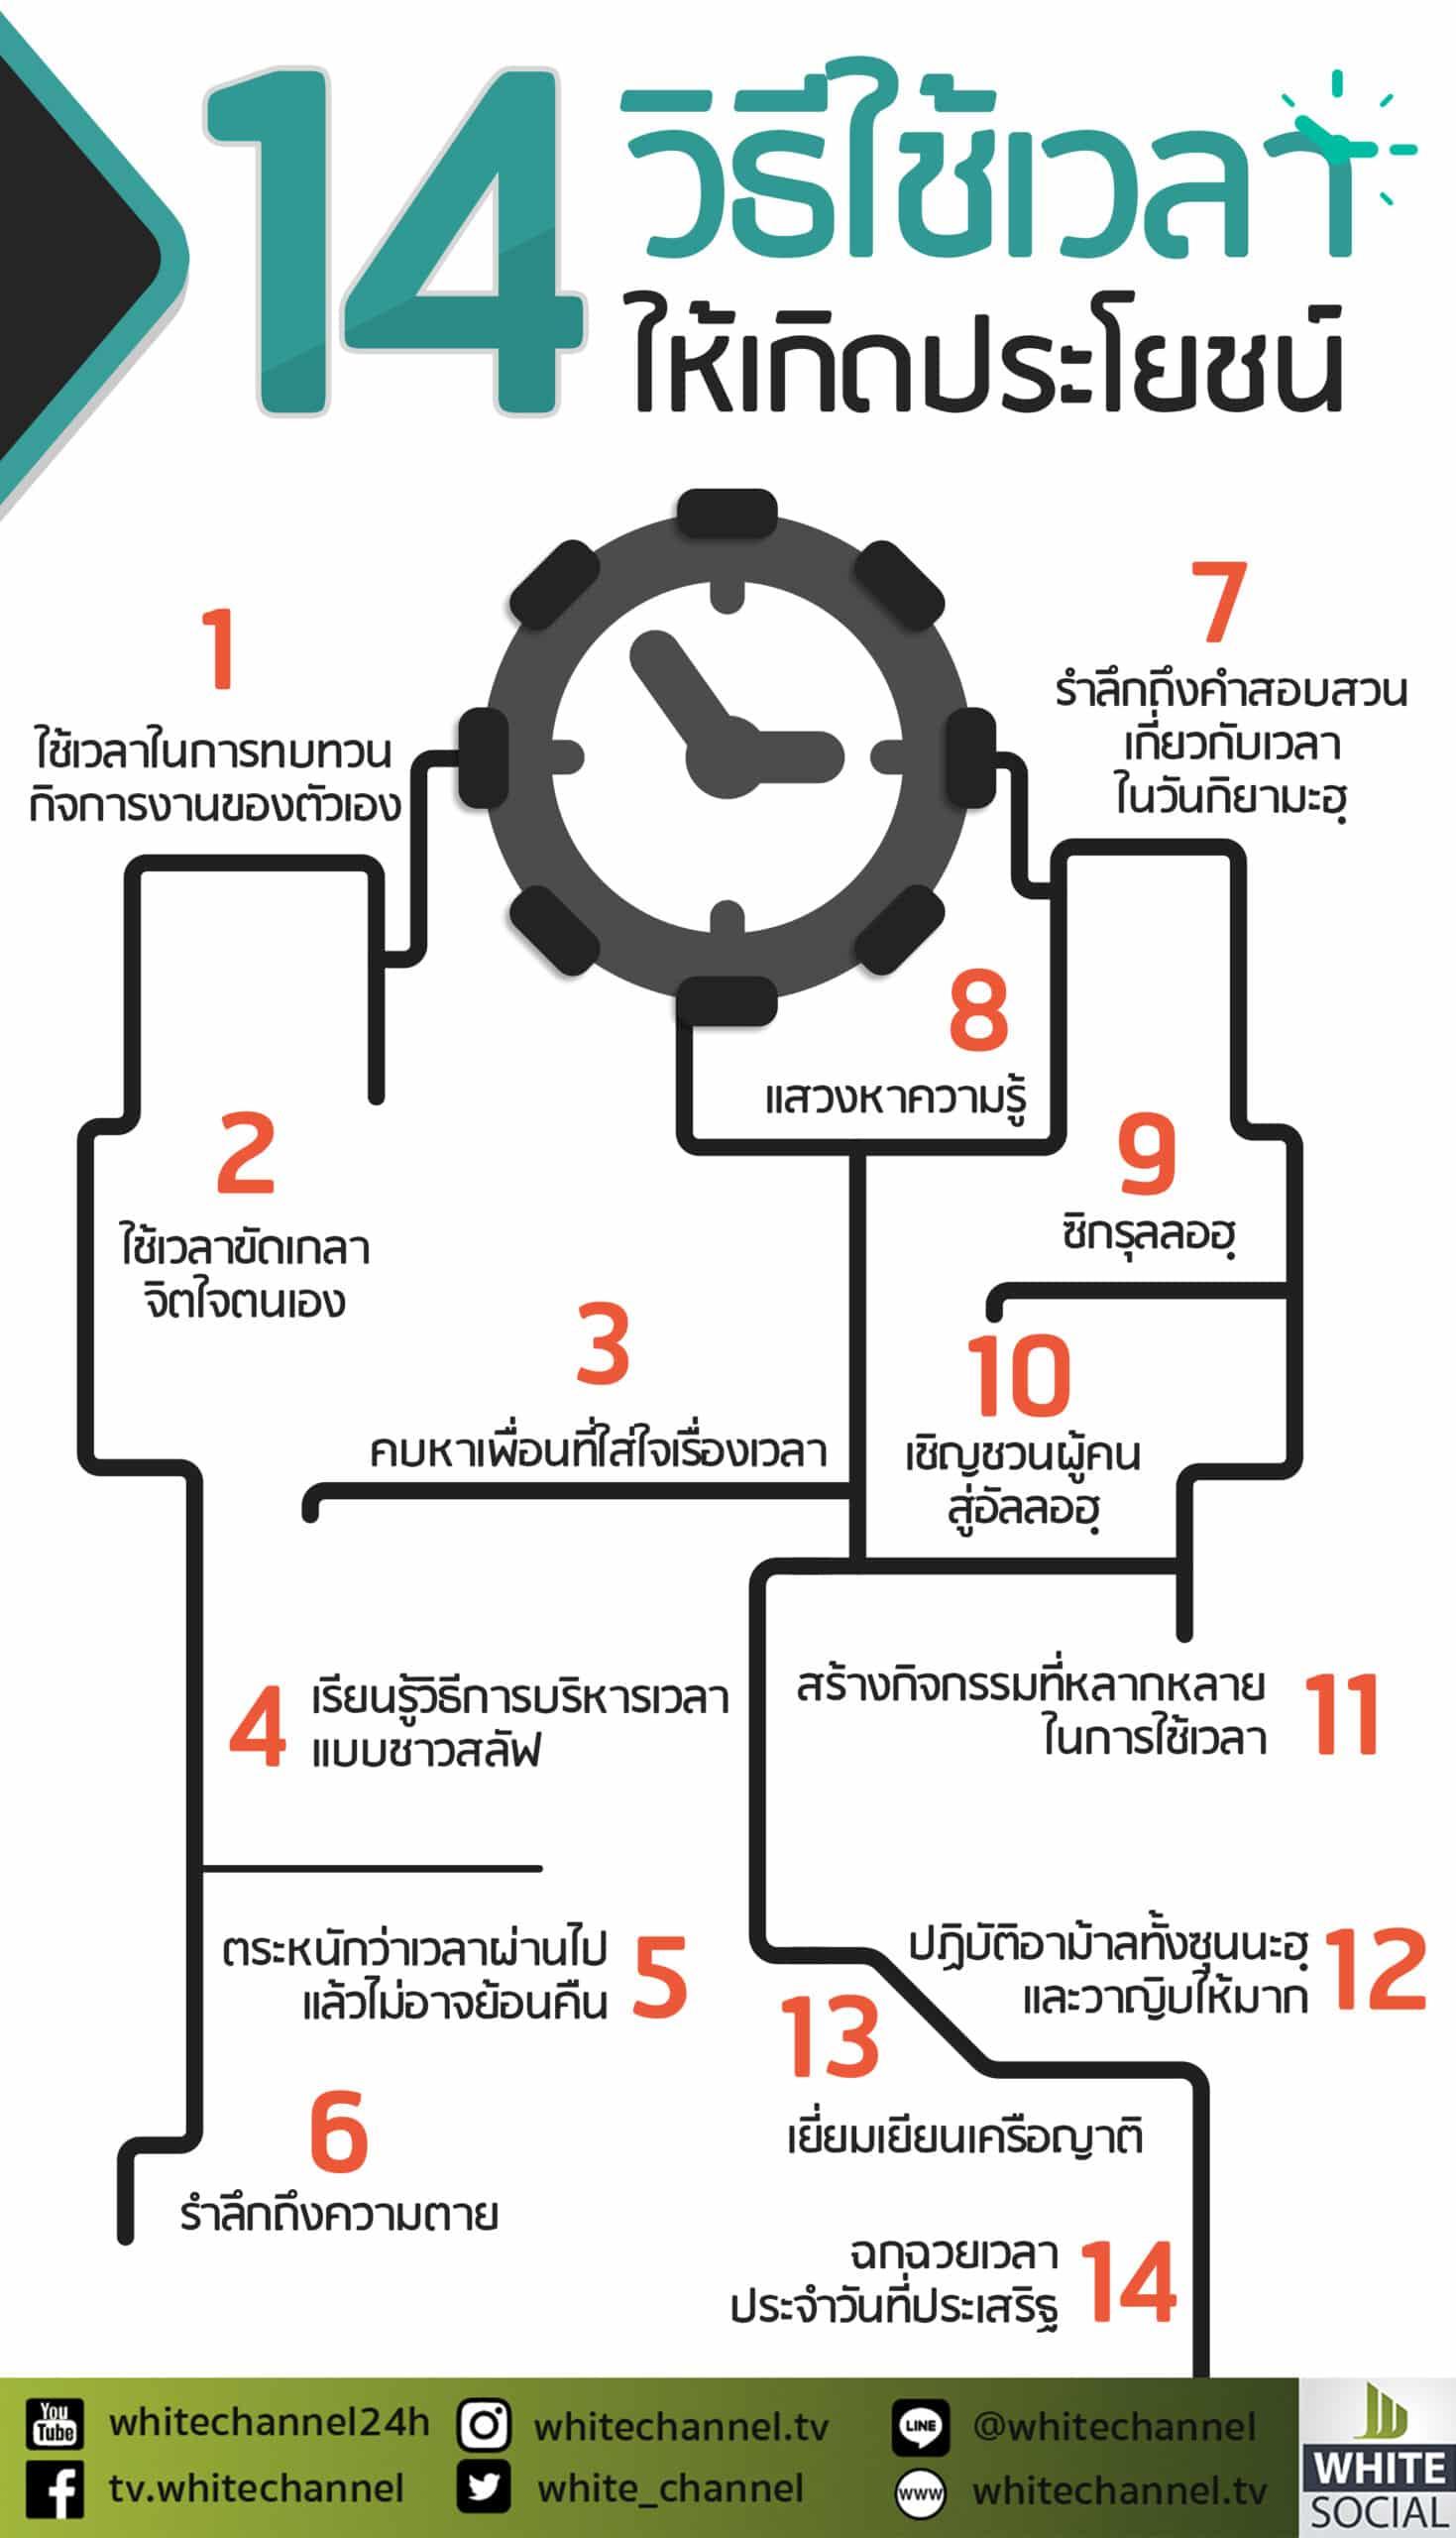 14 วิธีใช้เวลาให้เกิดประโยชน์